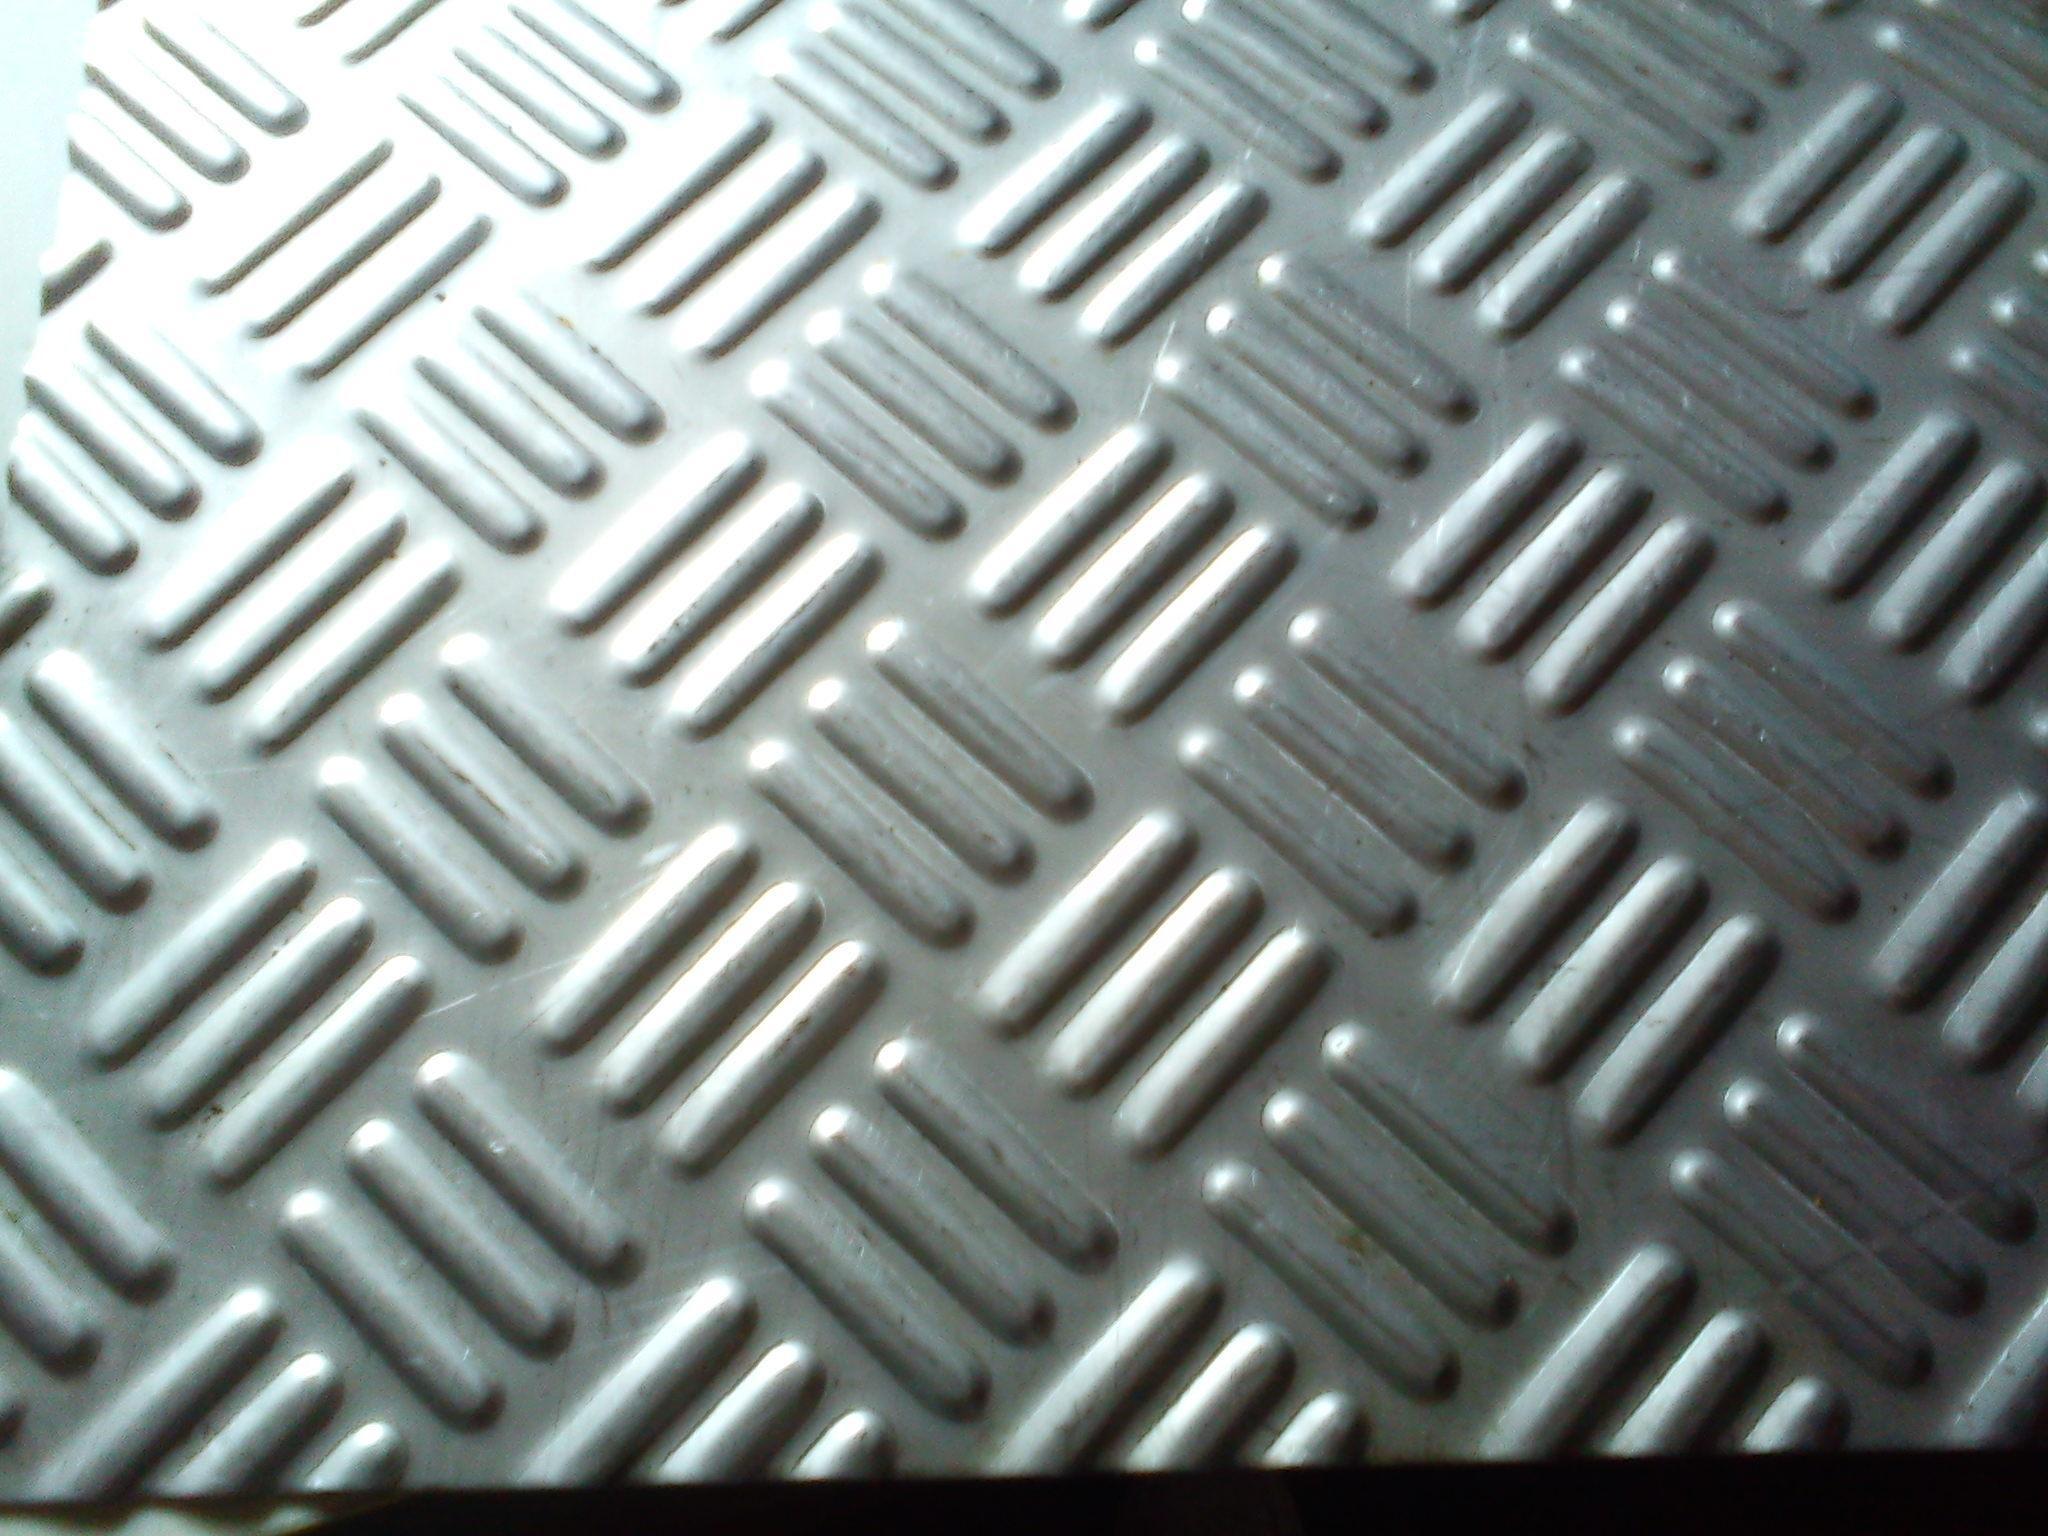 三针花不锈钢防滑板五针花不锈钢防滑板鑫茂不锈钢防滑